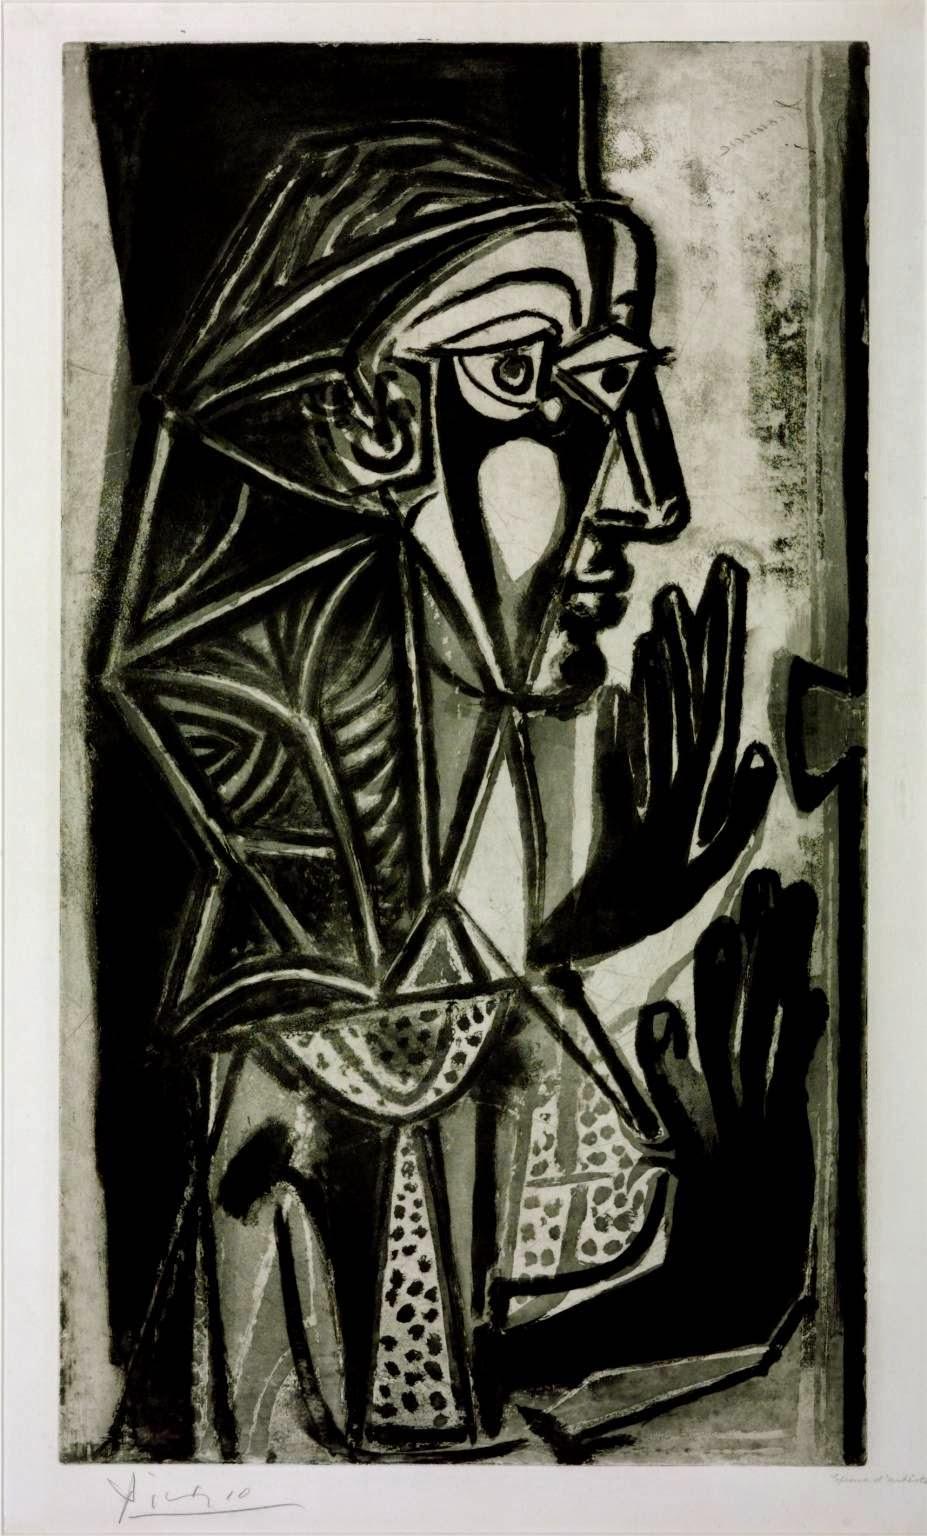 Mulher na Janela - Picasso e suas pinturas ~ O maior expoente da Arte Moderna